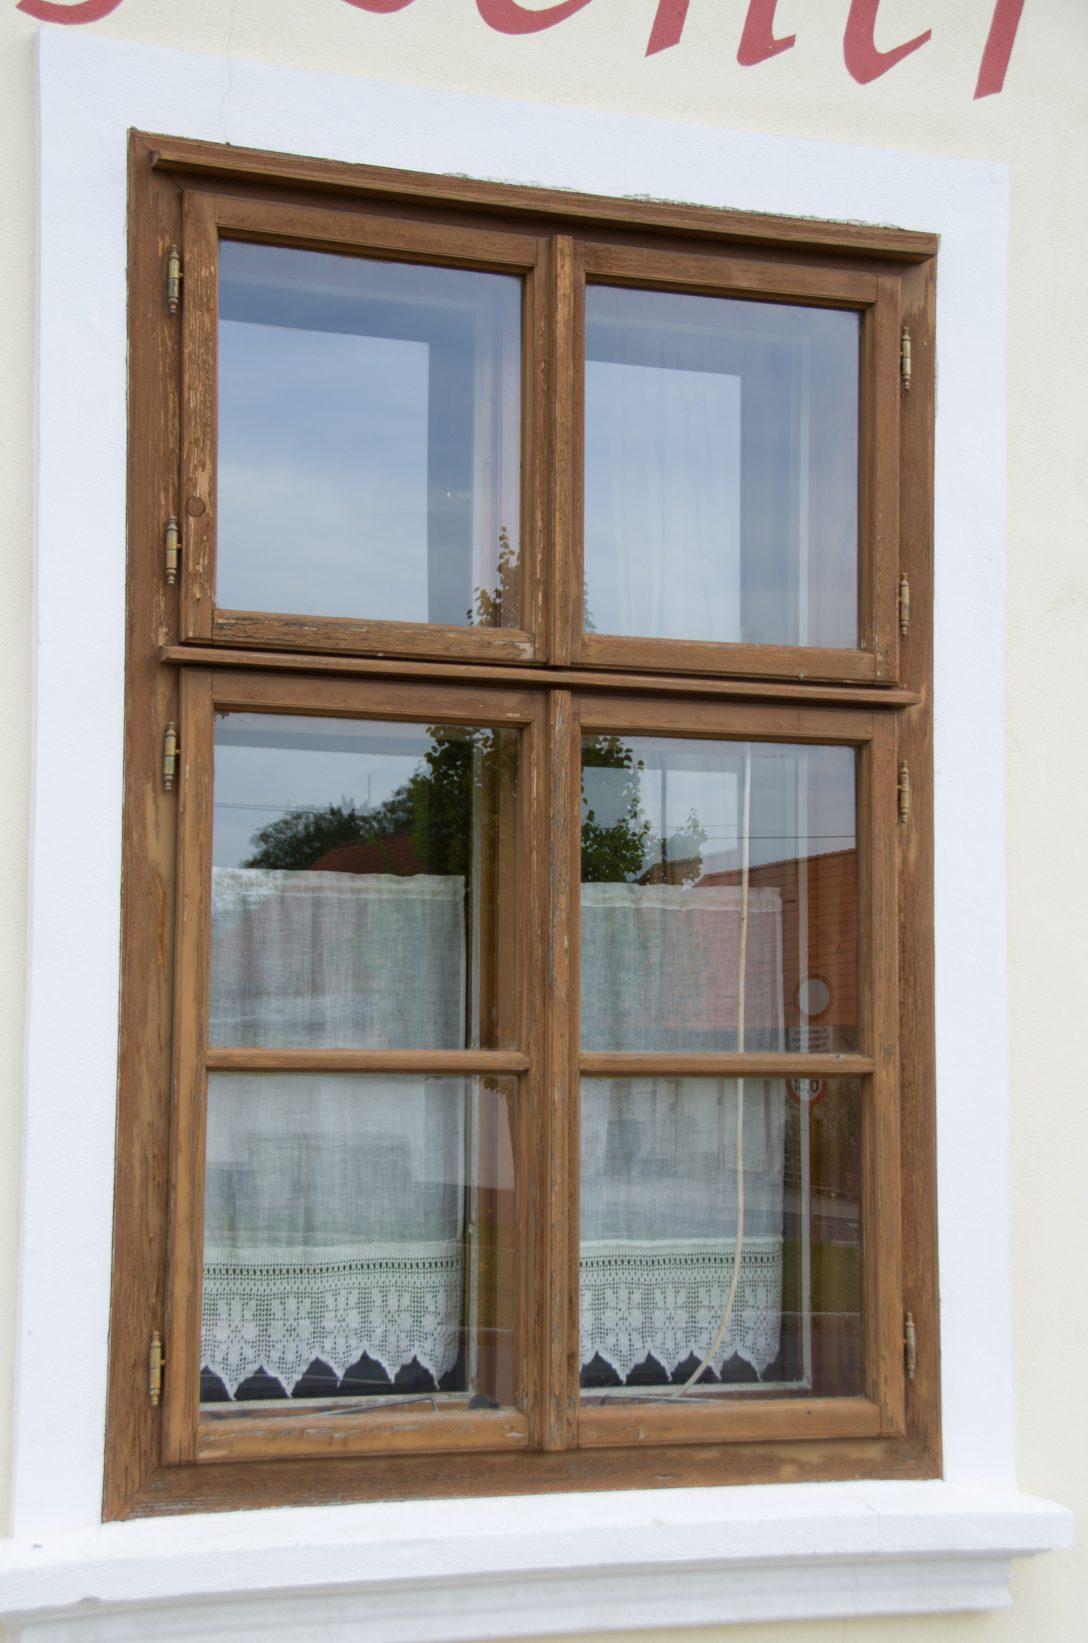 Large Size of Lohnt Es Sich Standardmaße Fenster Mit Integriertem Rollladen Alte Kaufen Bett Günstig Einbruchsicherung Eingebauten Rolladen Einbruchschutz Einbruchsichere Fenster Fenster Günstig Kaufen